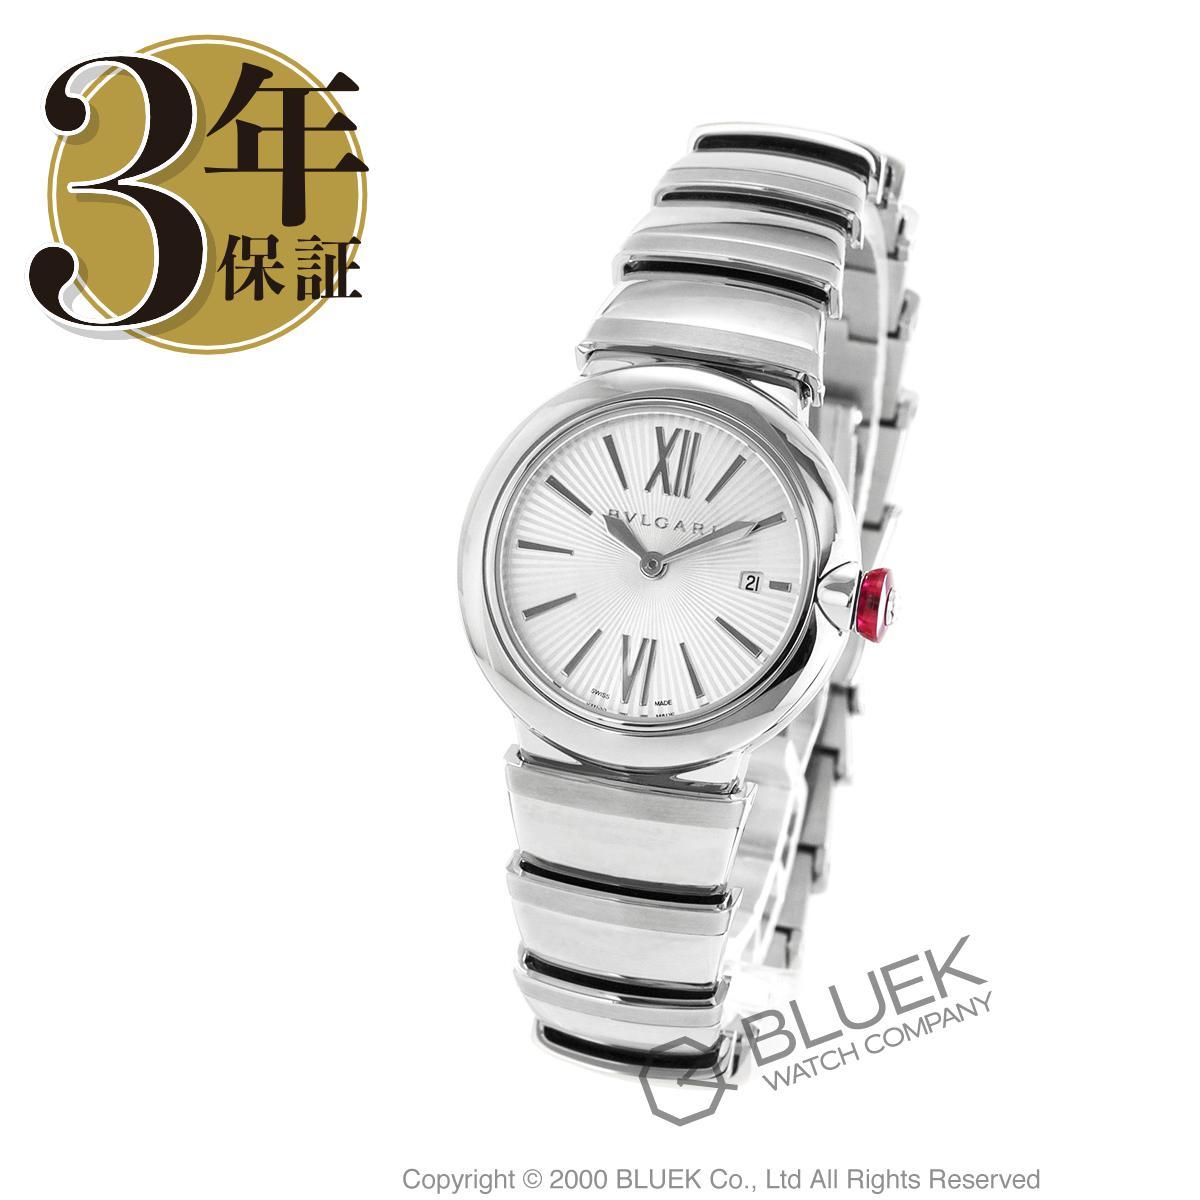 【6,000円OFFクーポン対象】ブルガリ ルチェア ダイヤ 腕時計 レディース BVLGARI LU28C6SSD_8